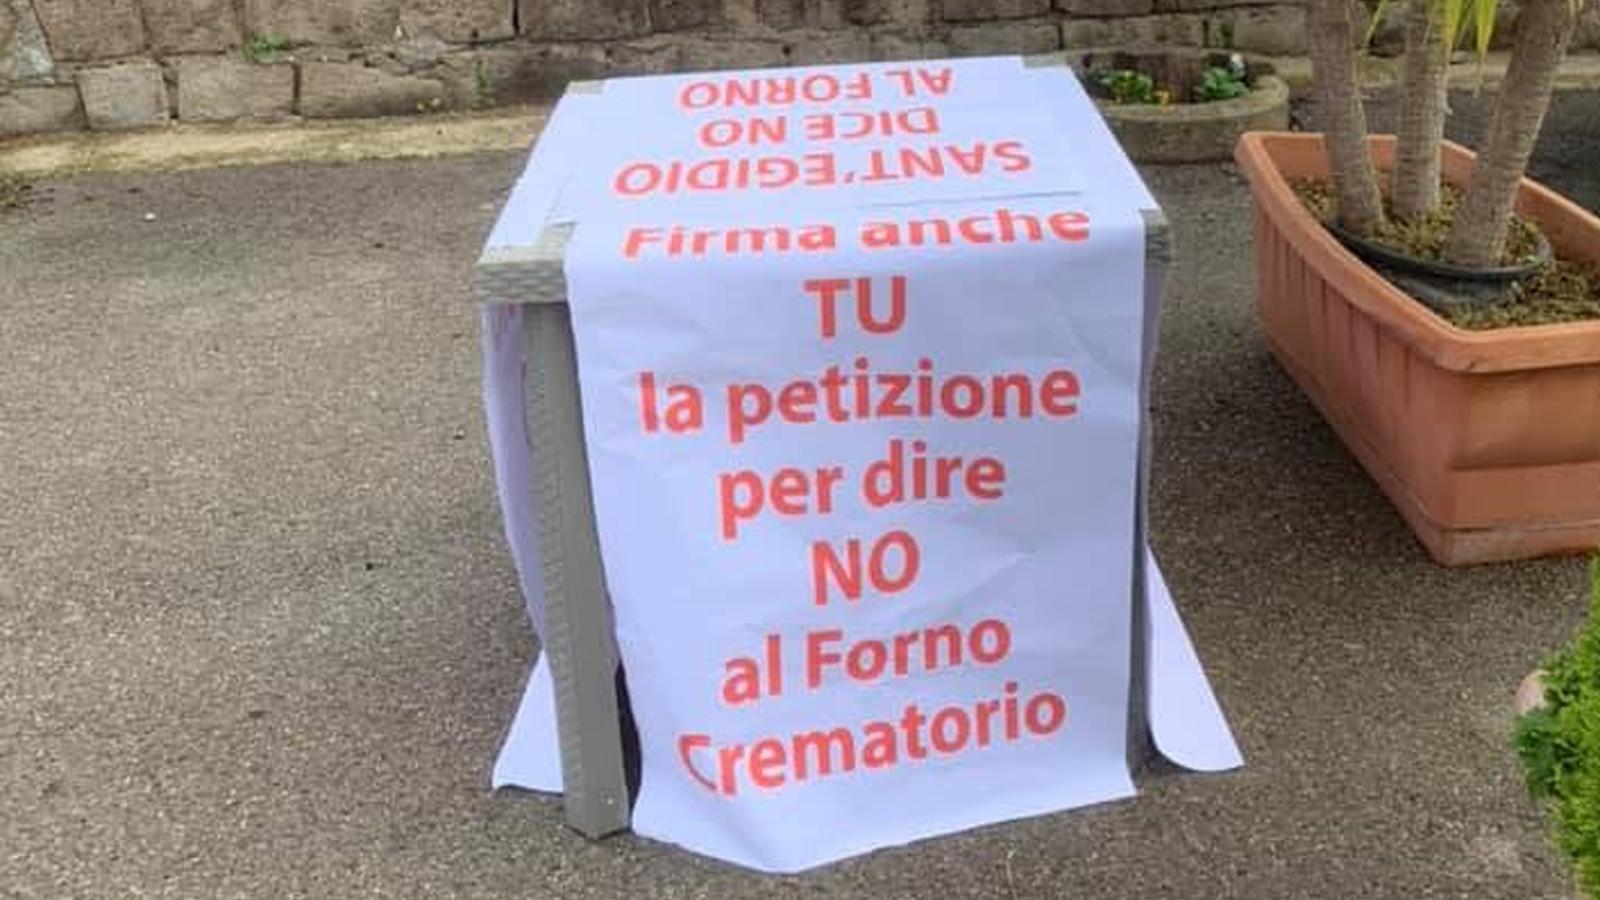 S.Egidio del Monte Albino. Forno crematorio. Chiesto consiglio comunale - Agro24